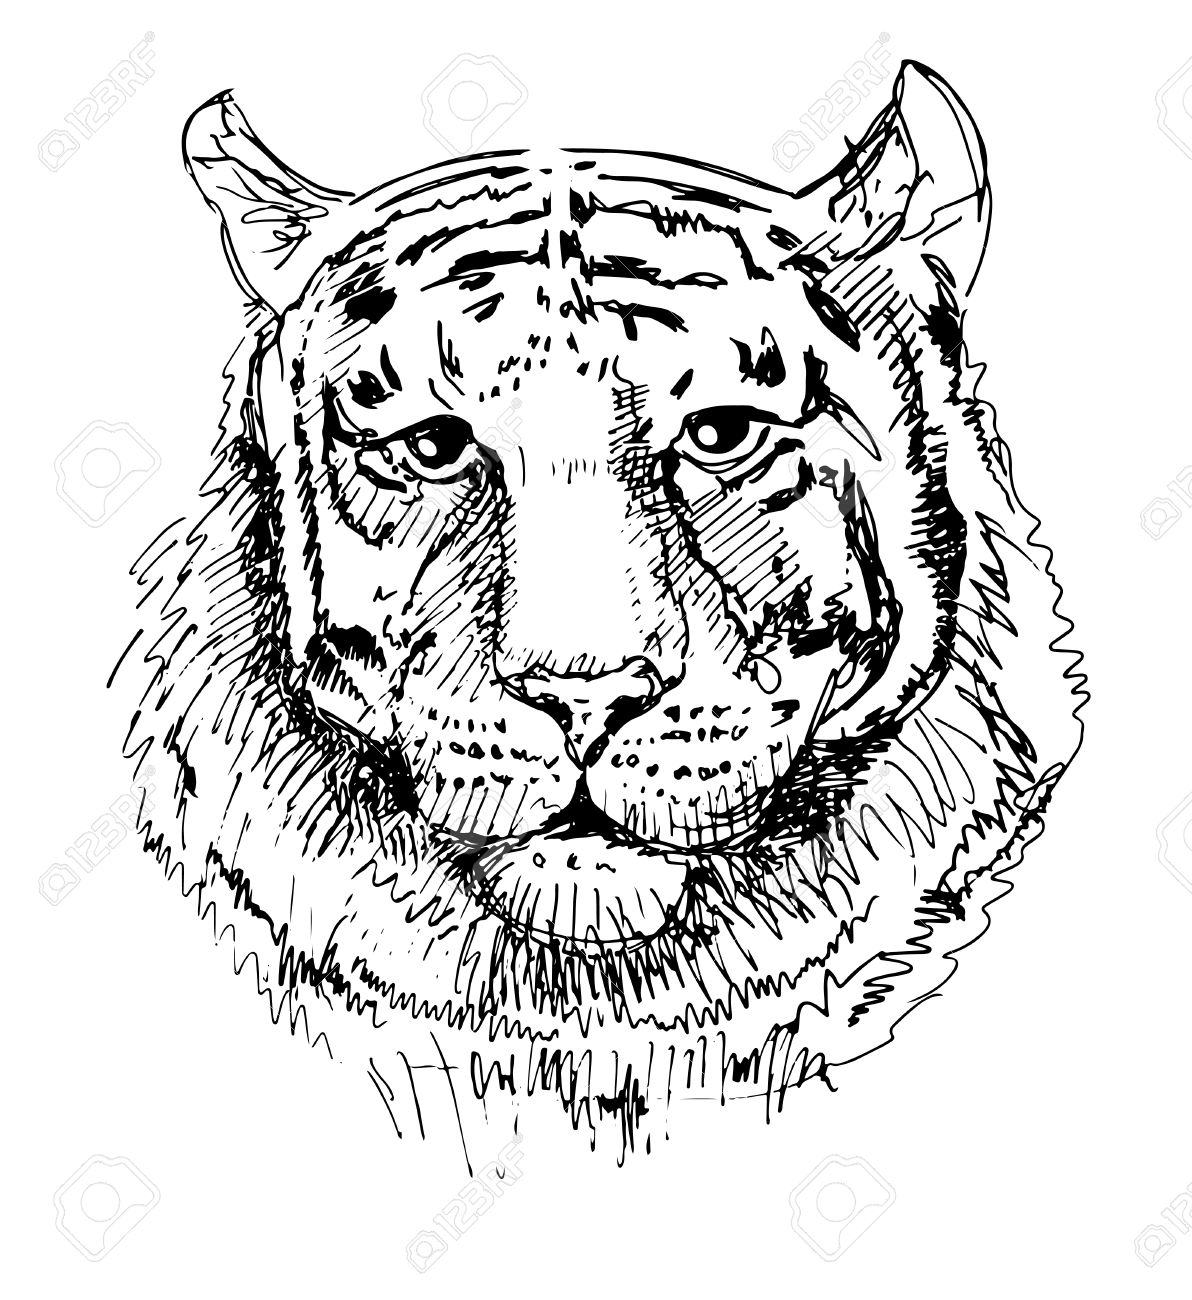 Motifs Tigre Croquis Dessin En Noir Et Blanc Isolé Sur Fond Blanc Animaux De Tête Illustration Vectorielle